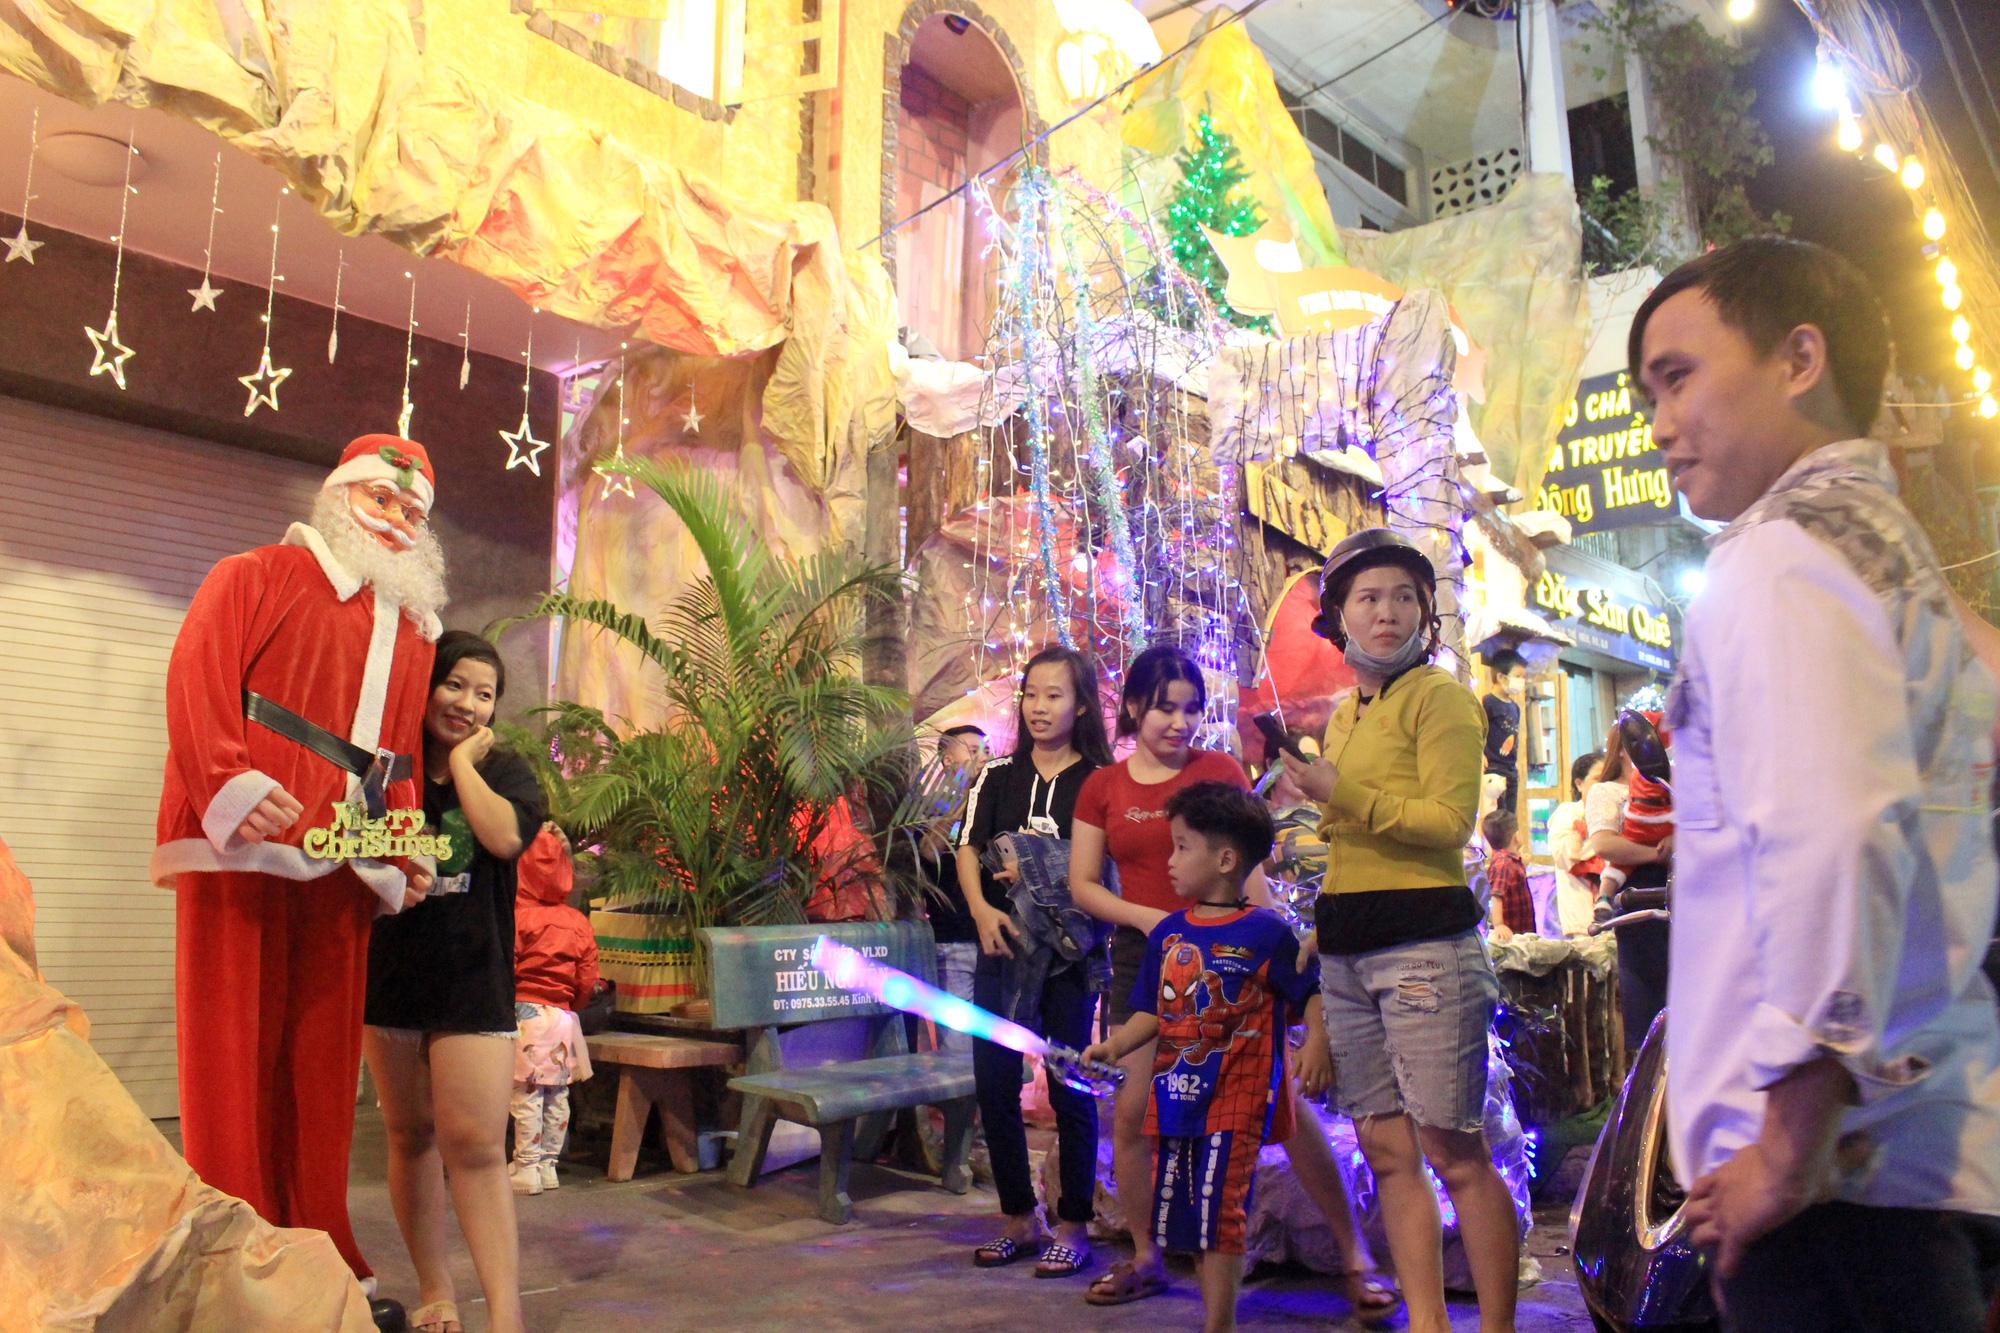 Đường Sài Gòn tắc nghẽn, người dân đổ xô đi chơi Giáng sinh - Ảnh 11.